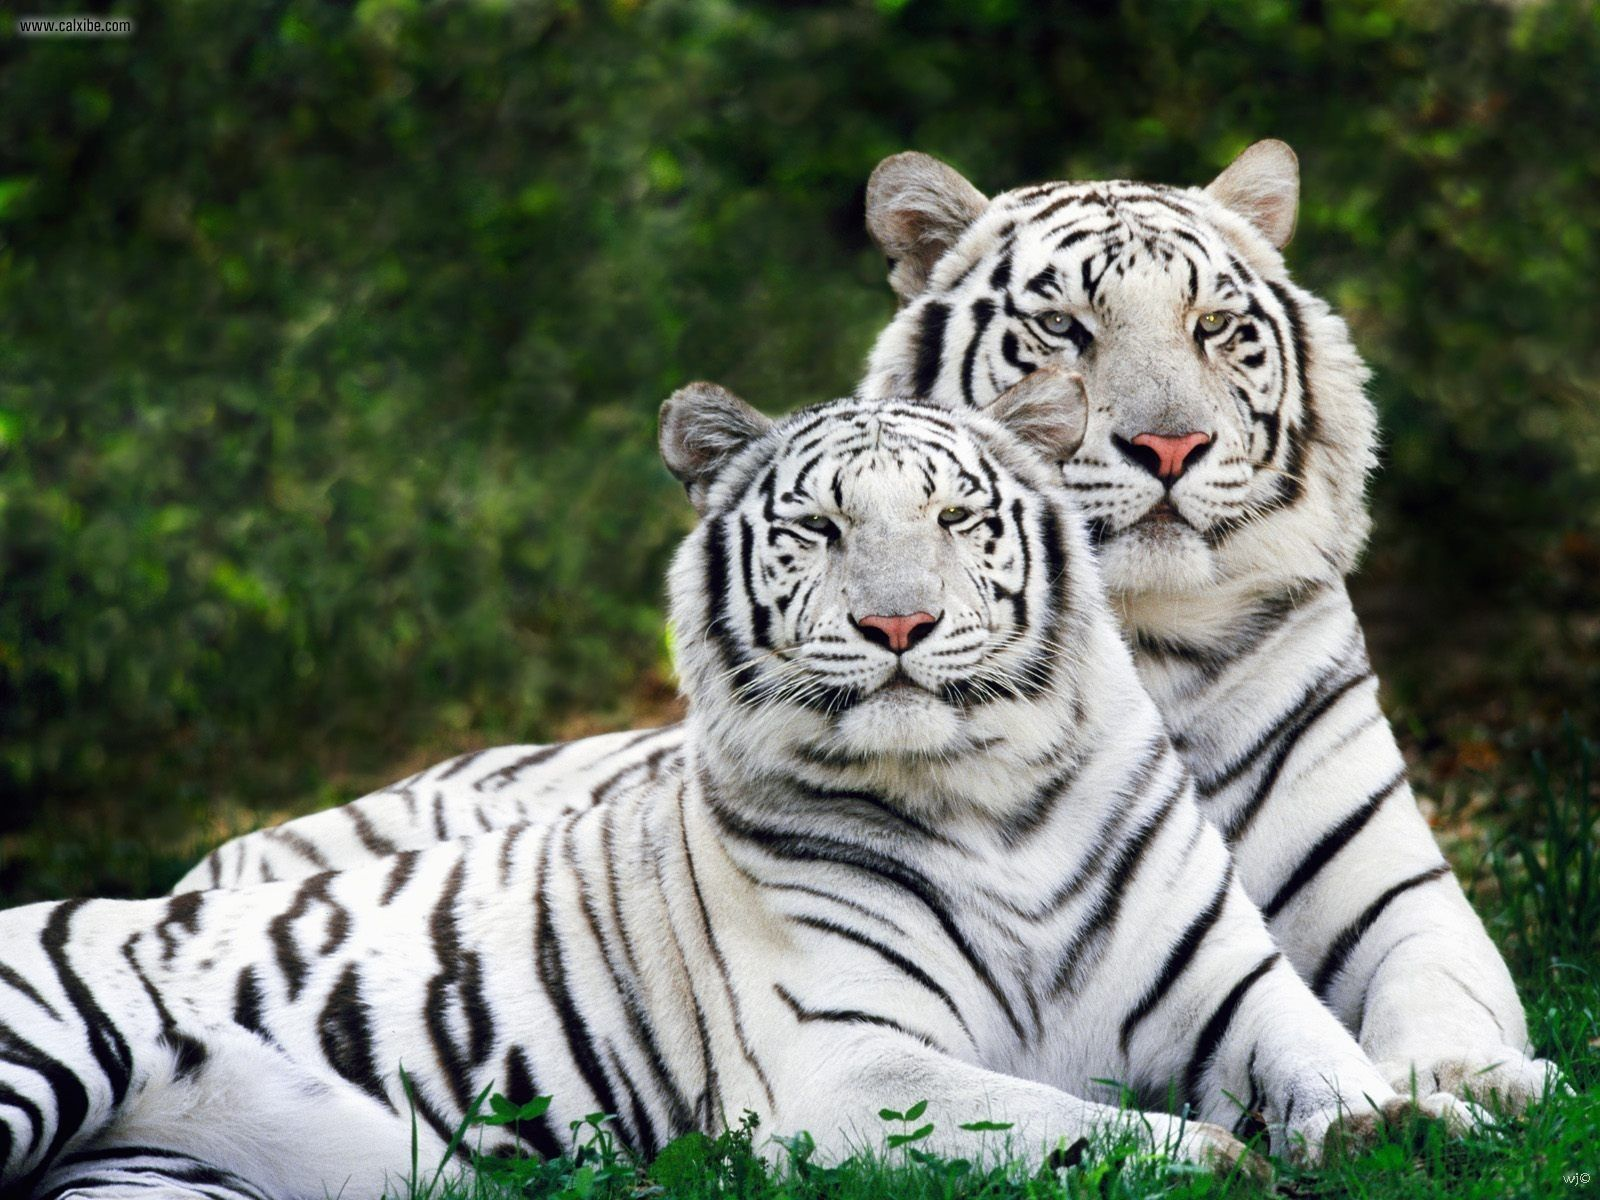 Inspirational White Bengal Tiger Images Di 2020 Harimau Siberia Harimau Putih Anak Harimau